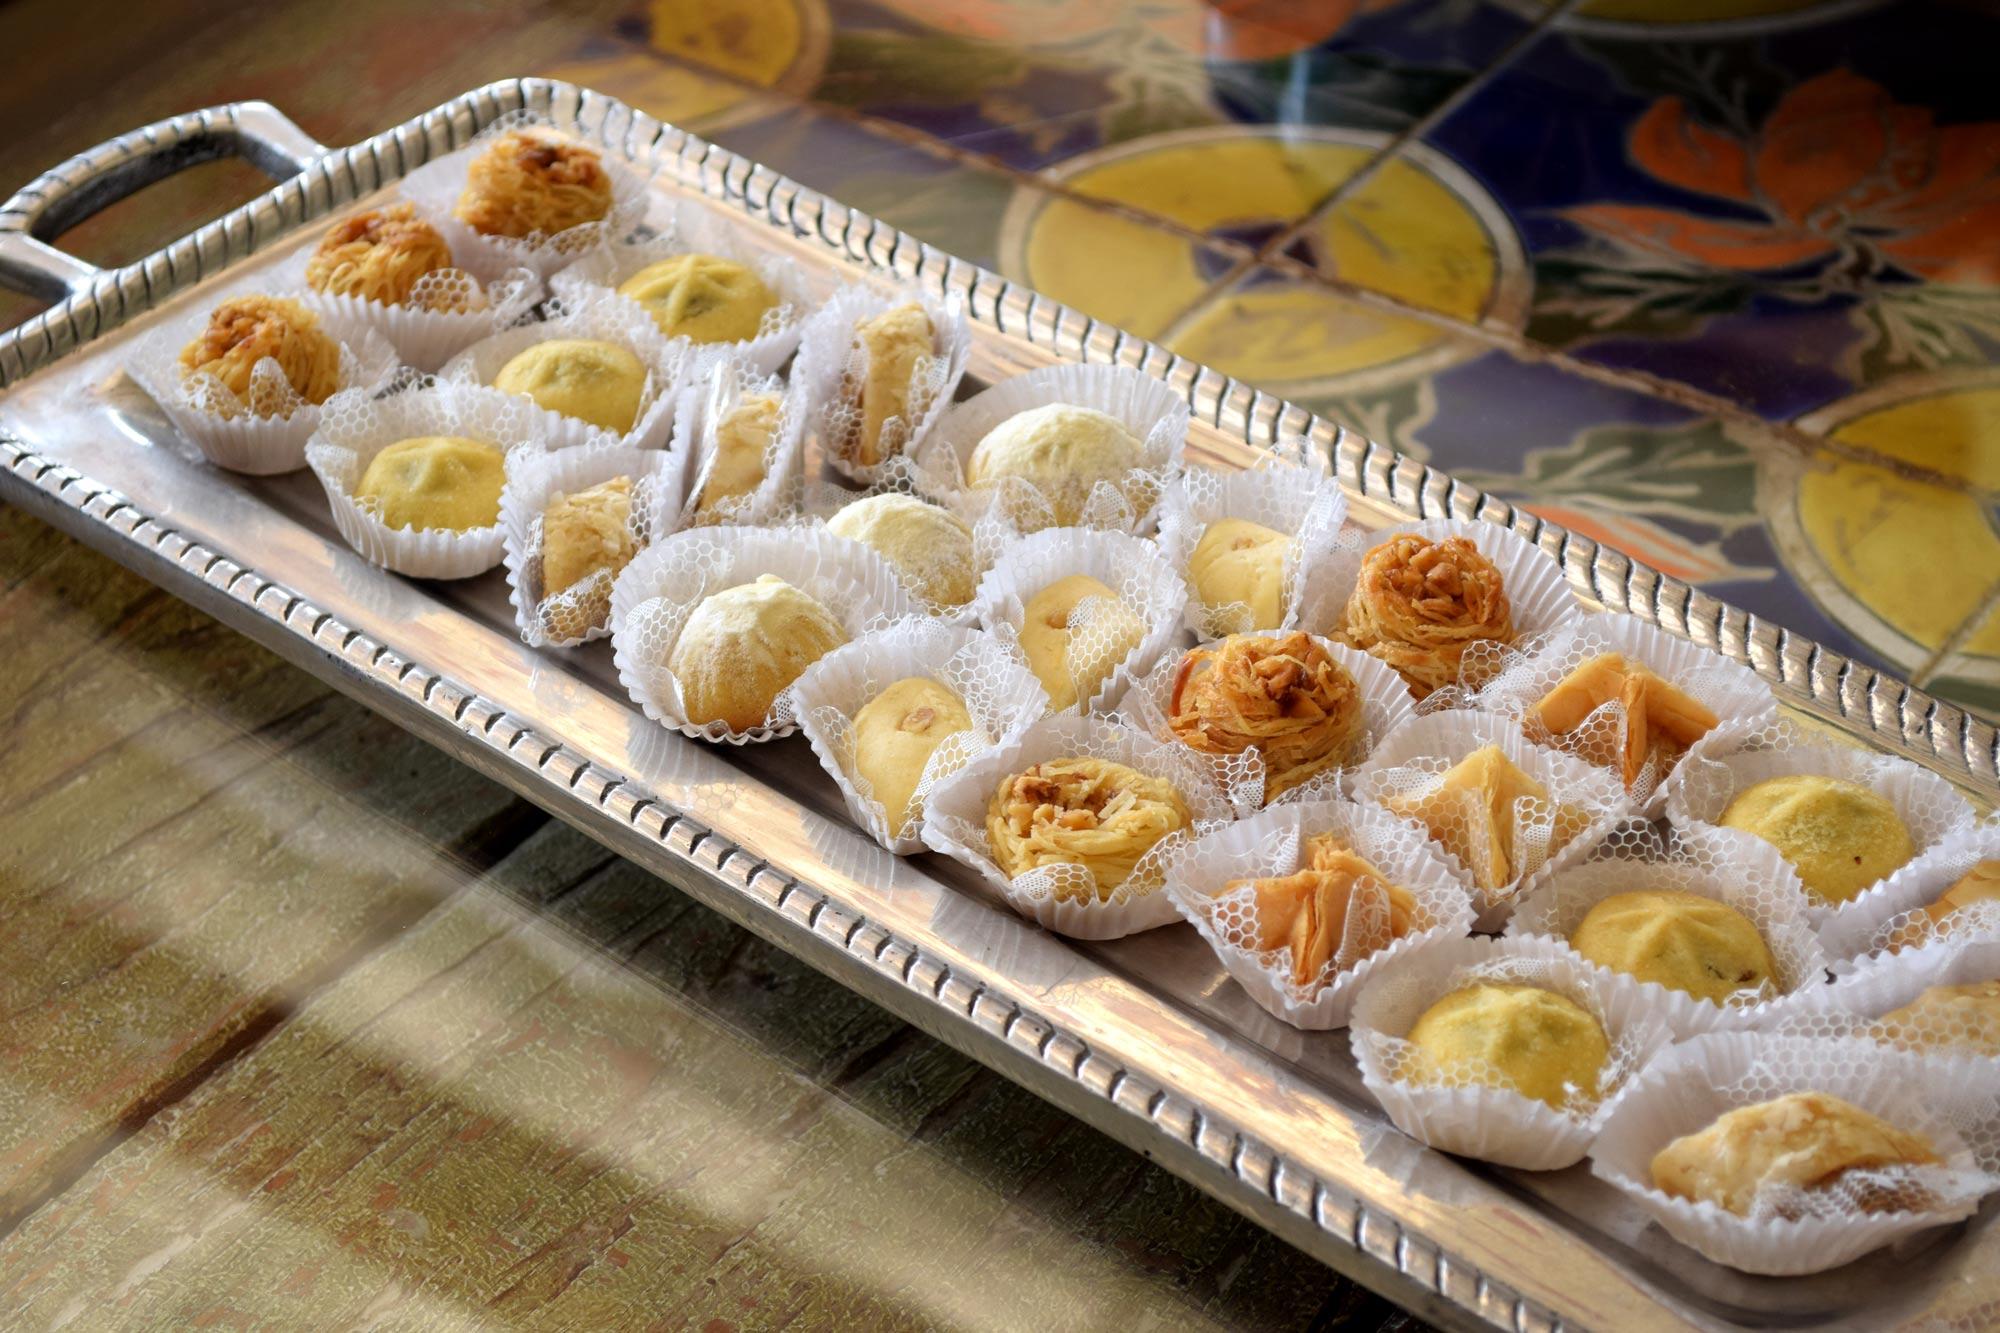 los más deliciosos dulces arabes en tamaño pequeño -